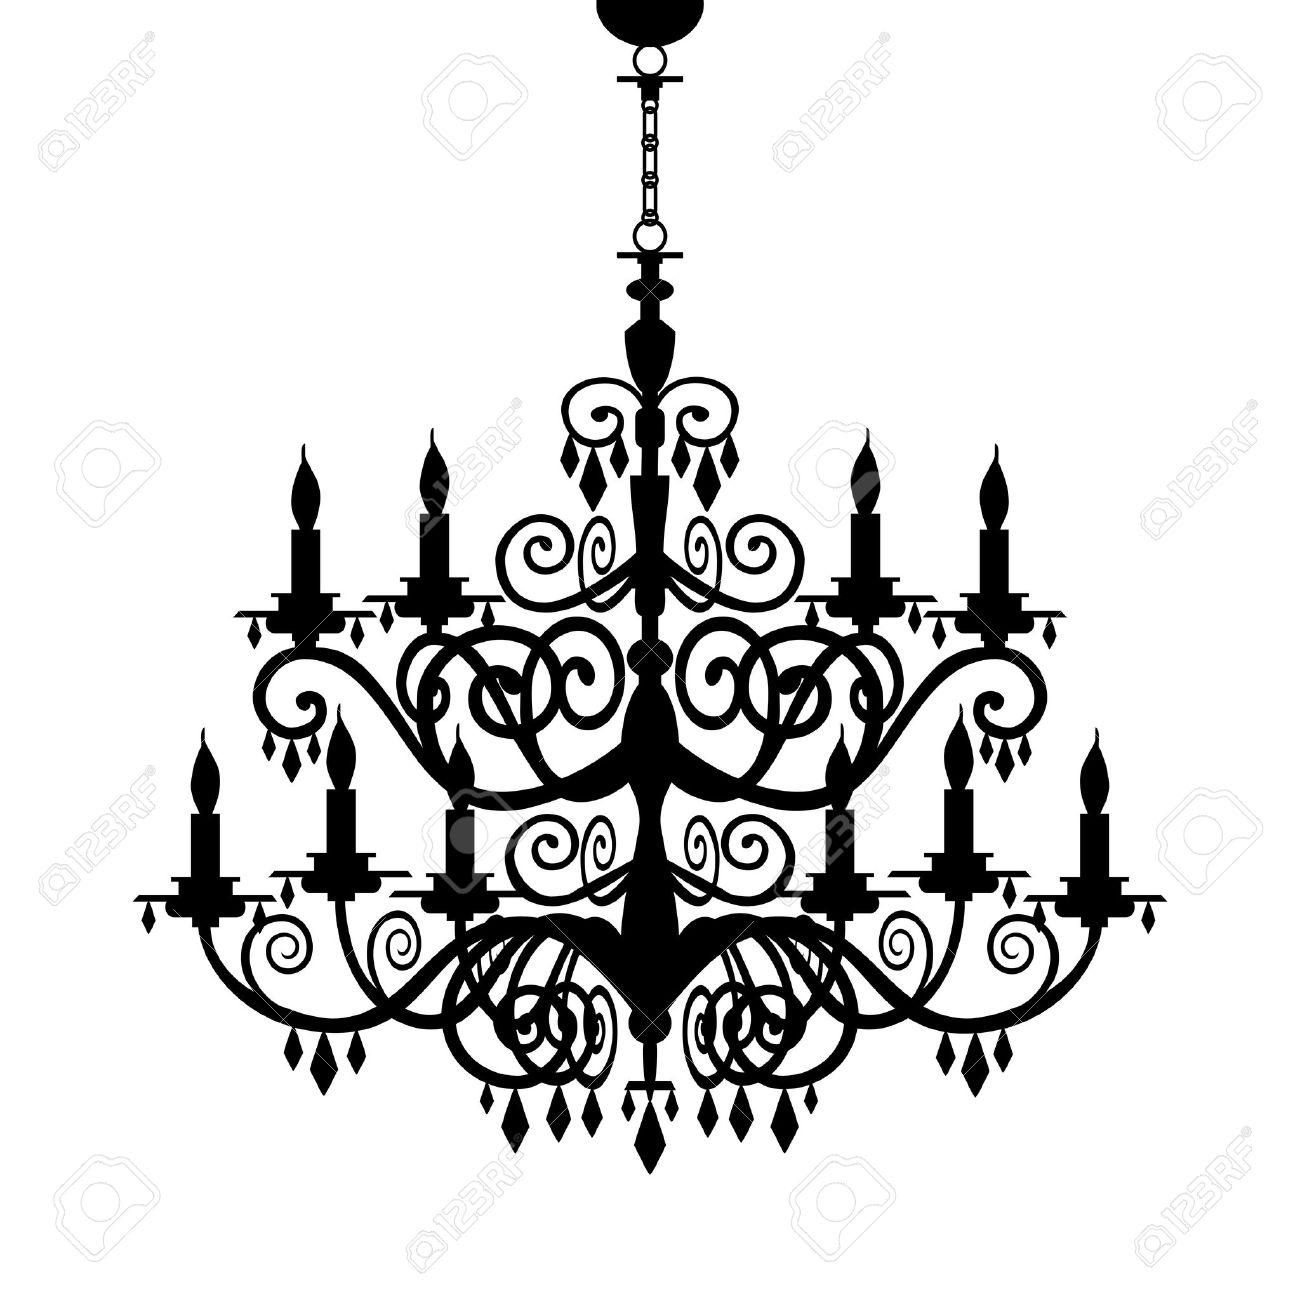 Baroque chandelier silhouette Stock Vector - 9351712